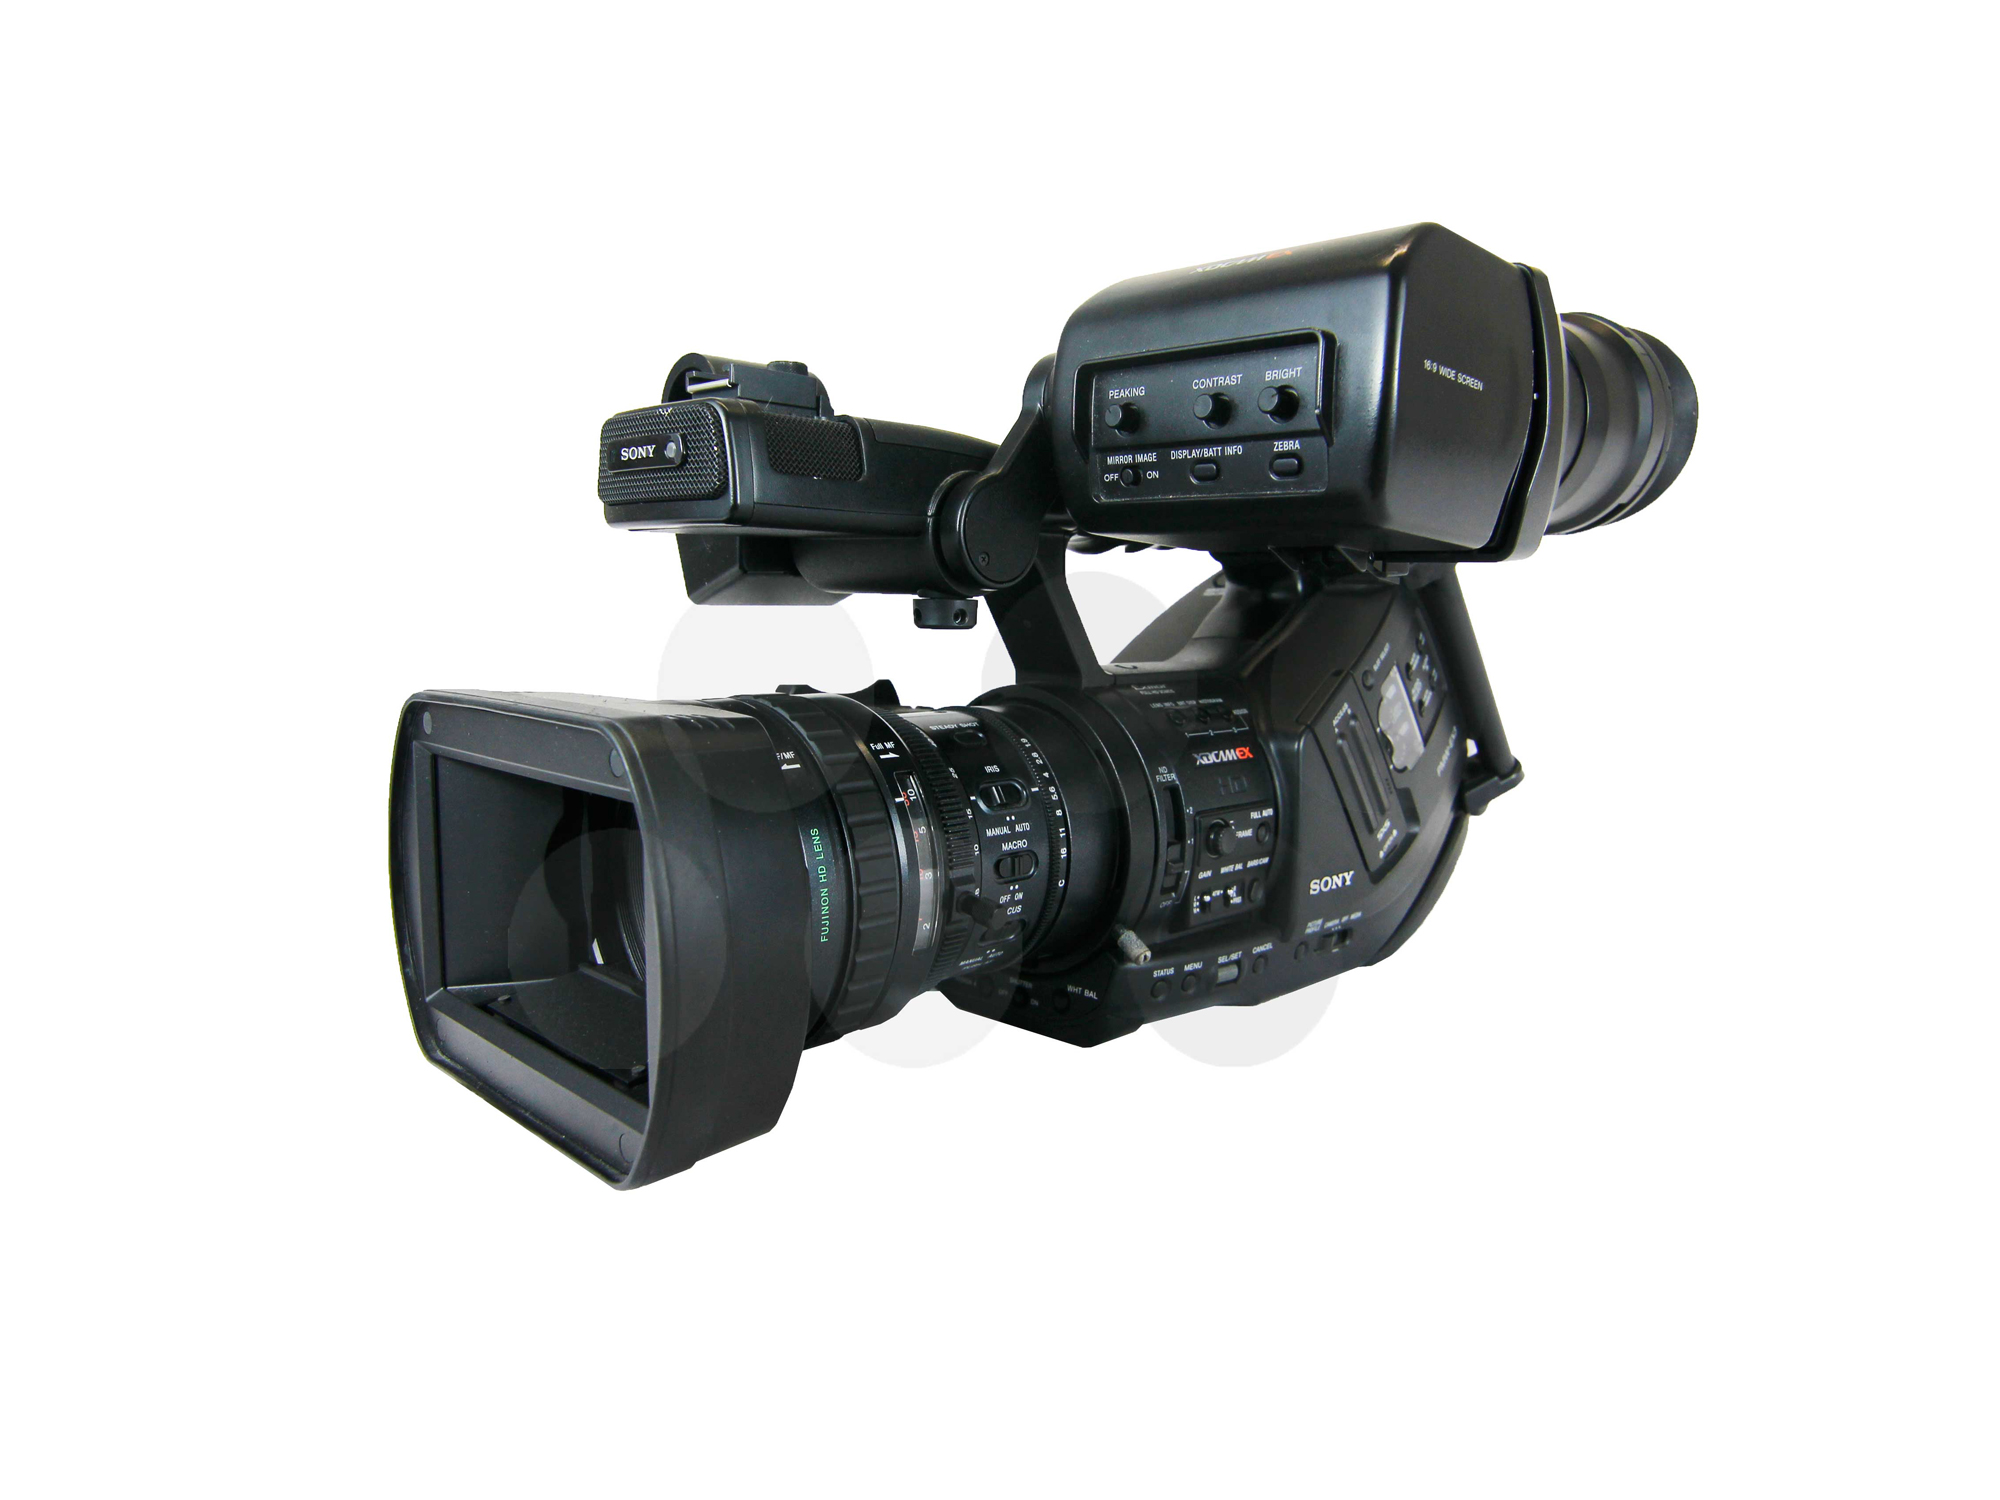 sony hd video